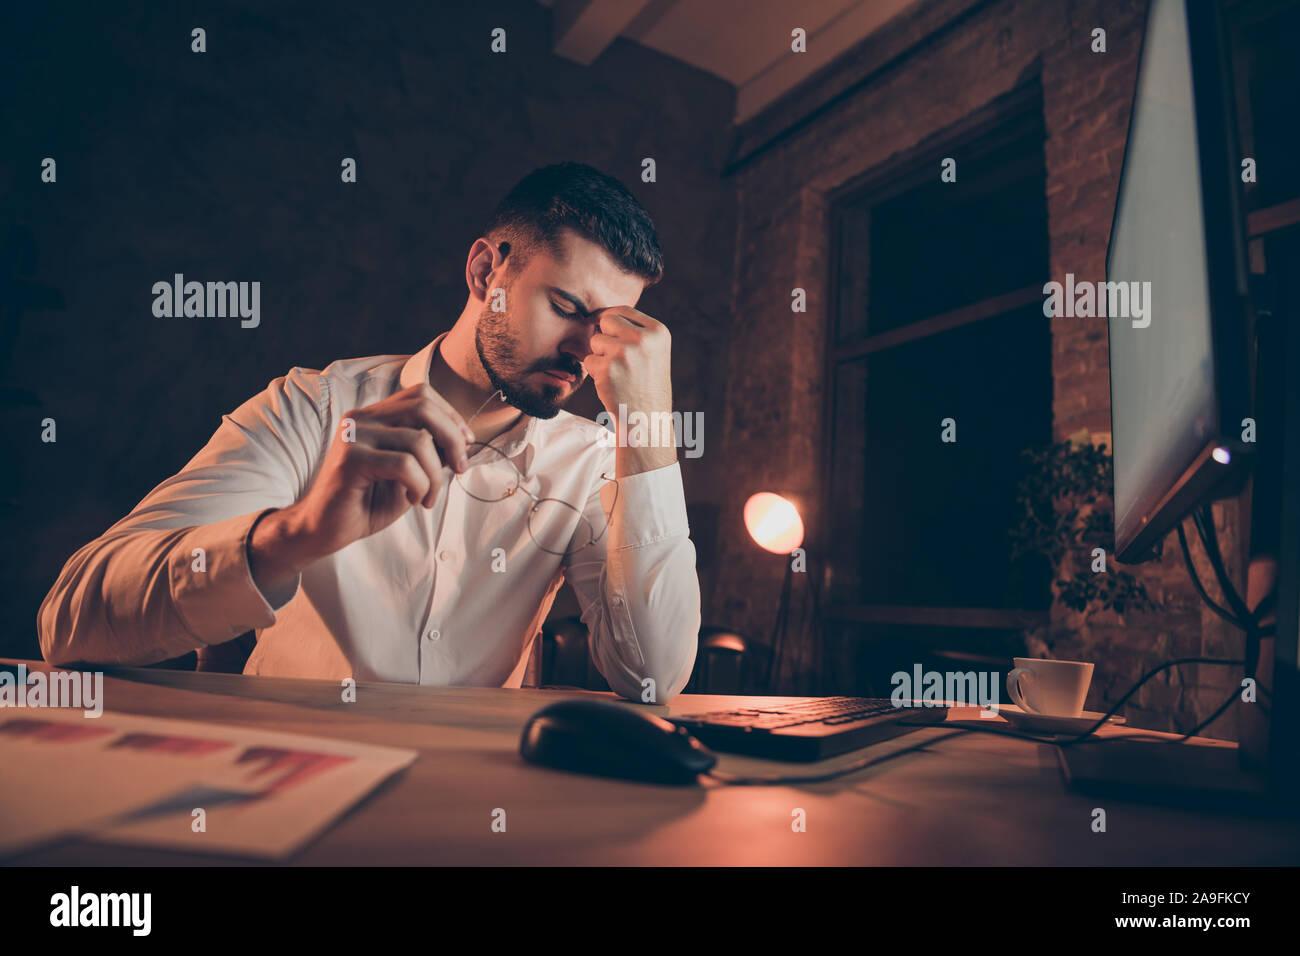 Basso angolo di seguito visualizzare foto di stanchi imprenditore con testa emicrania male gli occhi dolorante di mettere gli occhiali off seduto alla scrivania Foto Stock